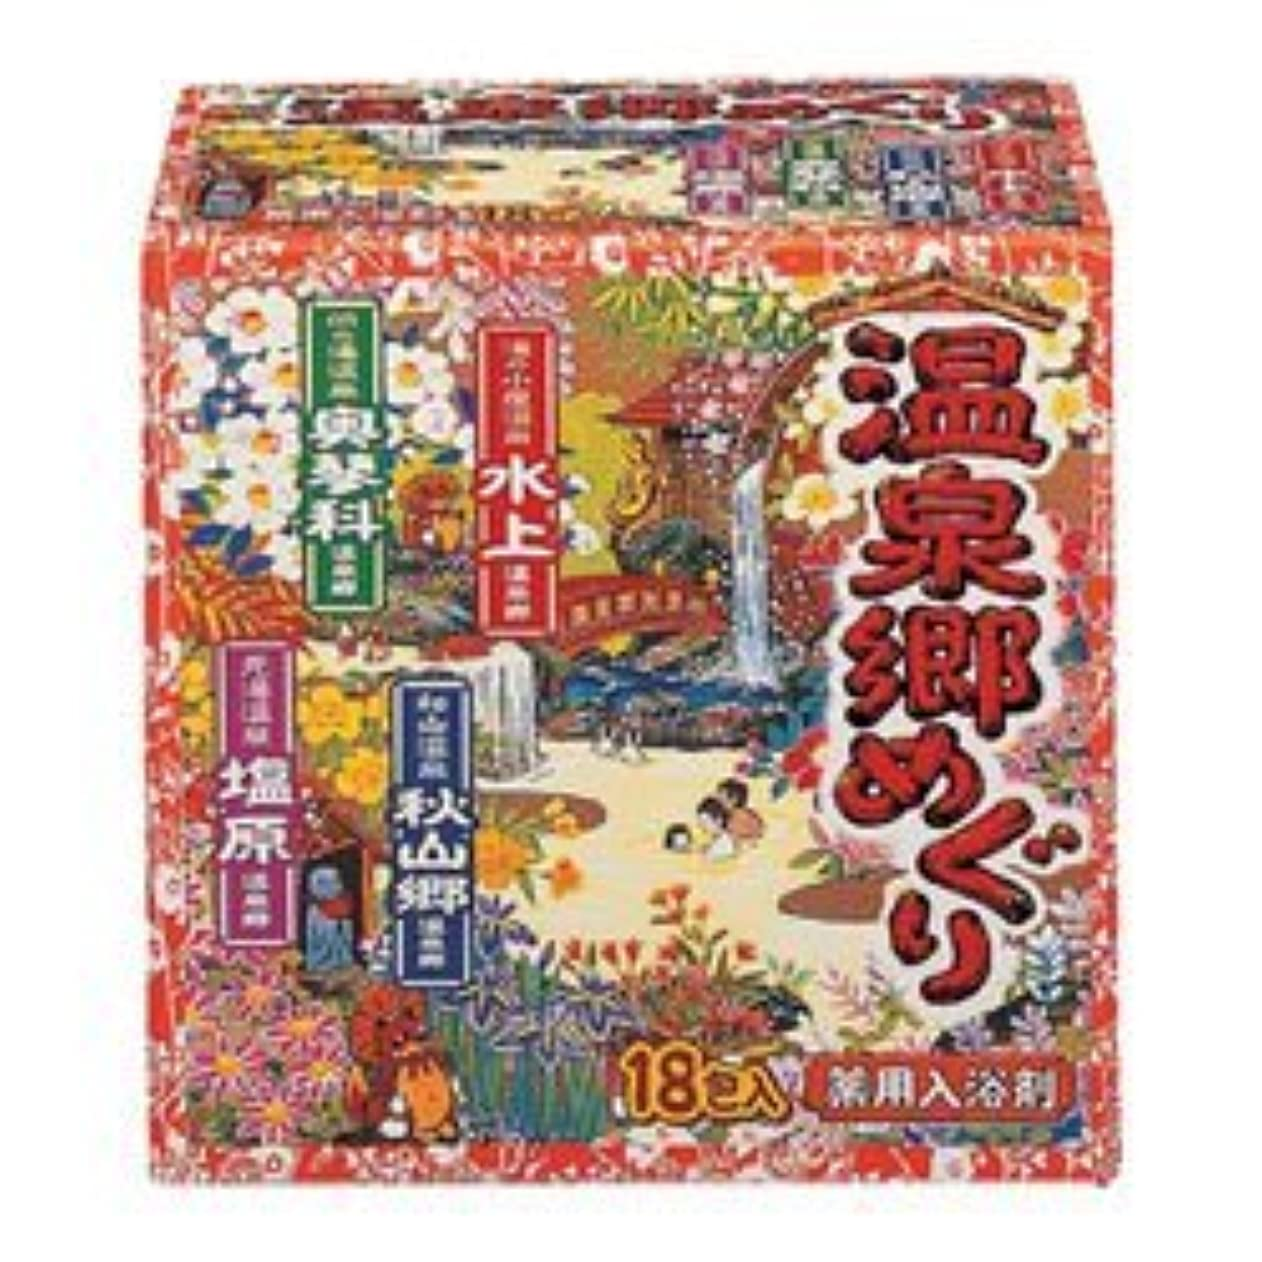 お金勇敢な多年生【アース製薬】温泉郷めぐり 入浴剤 18包入 ×10個セット